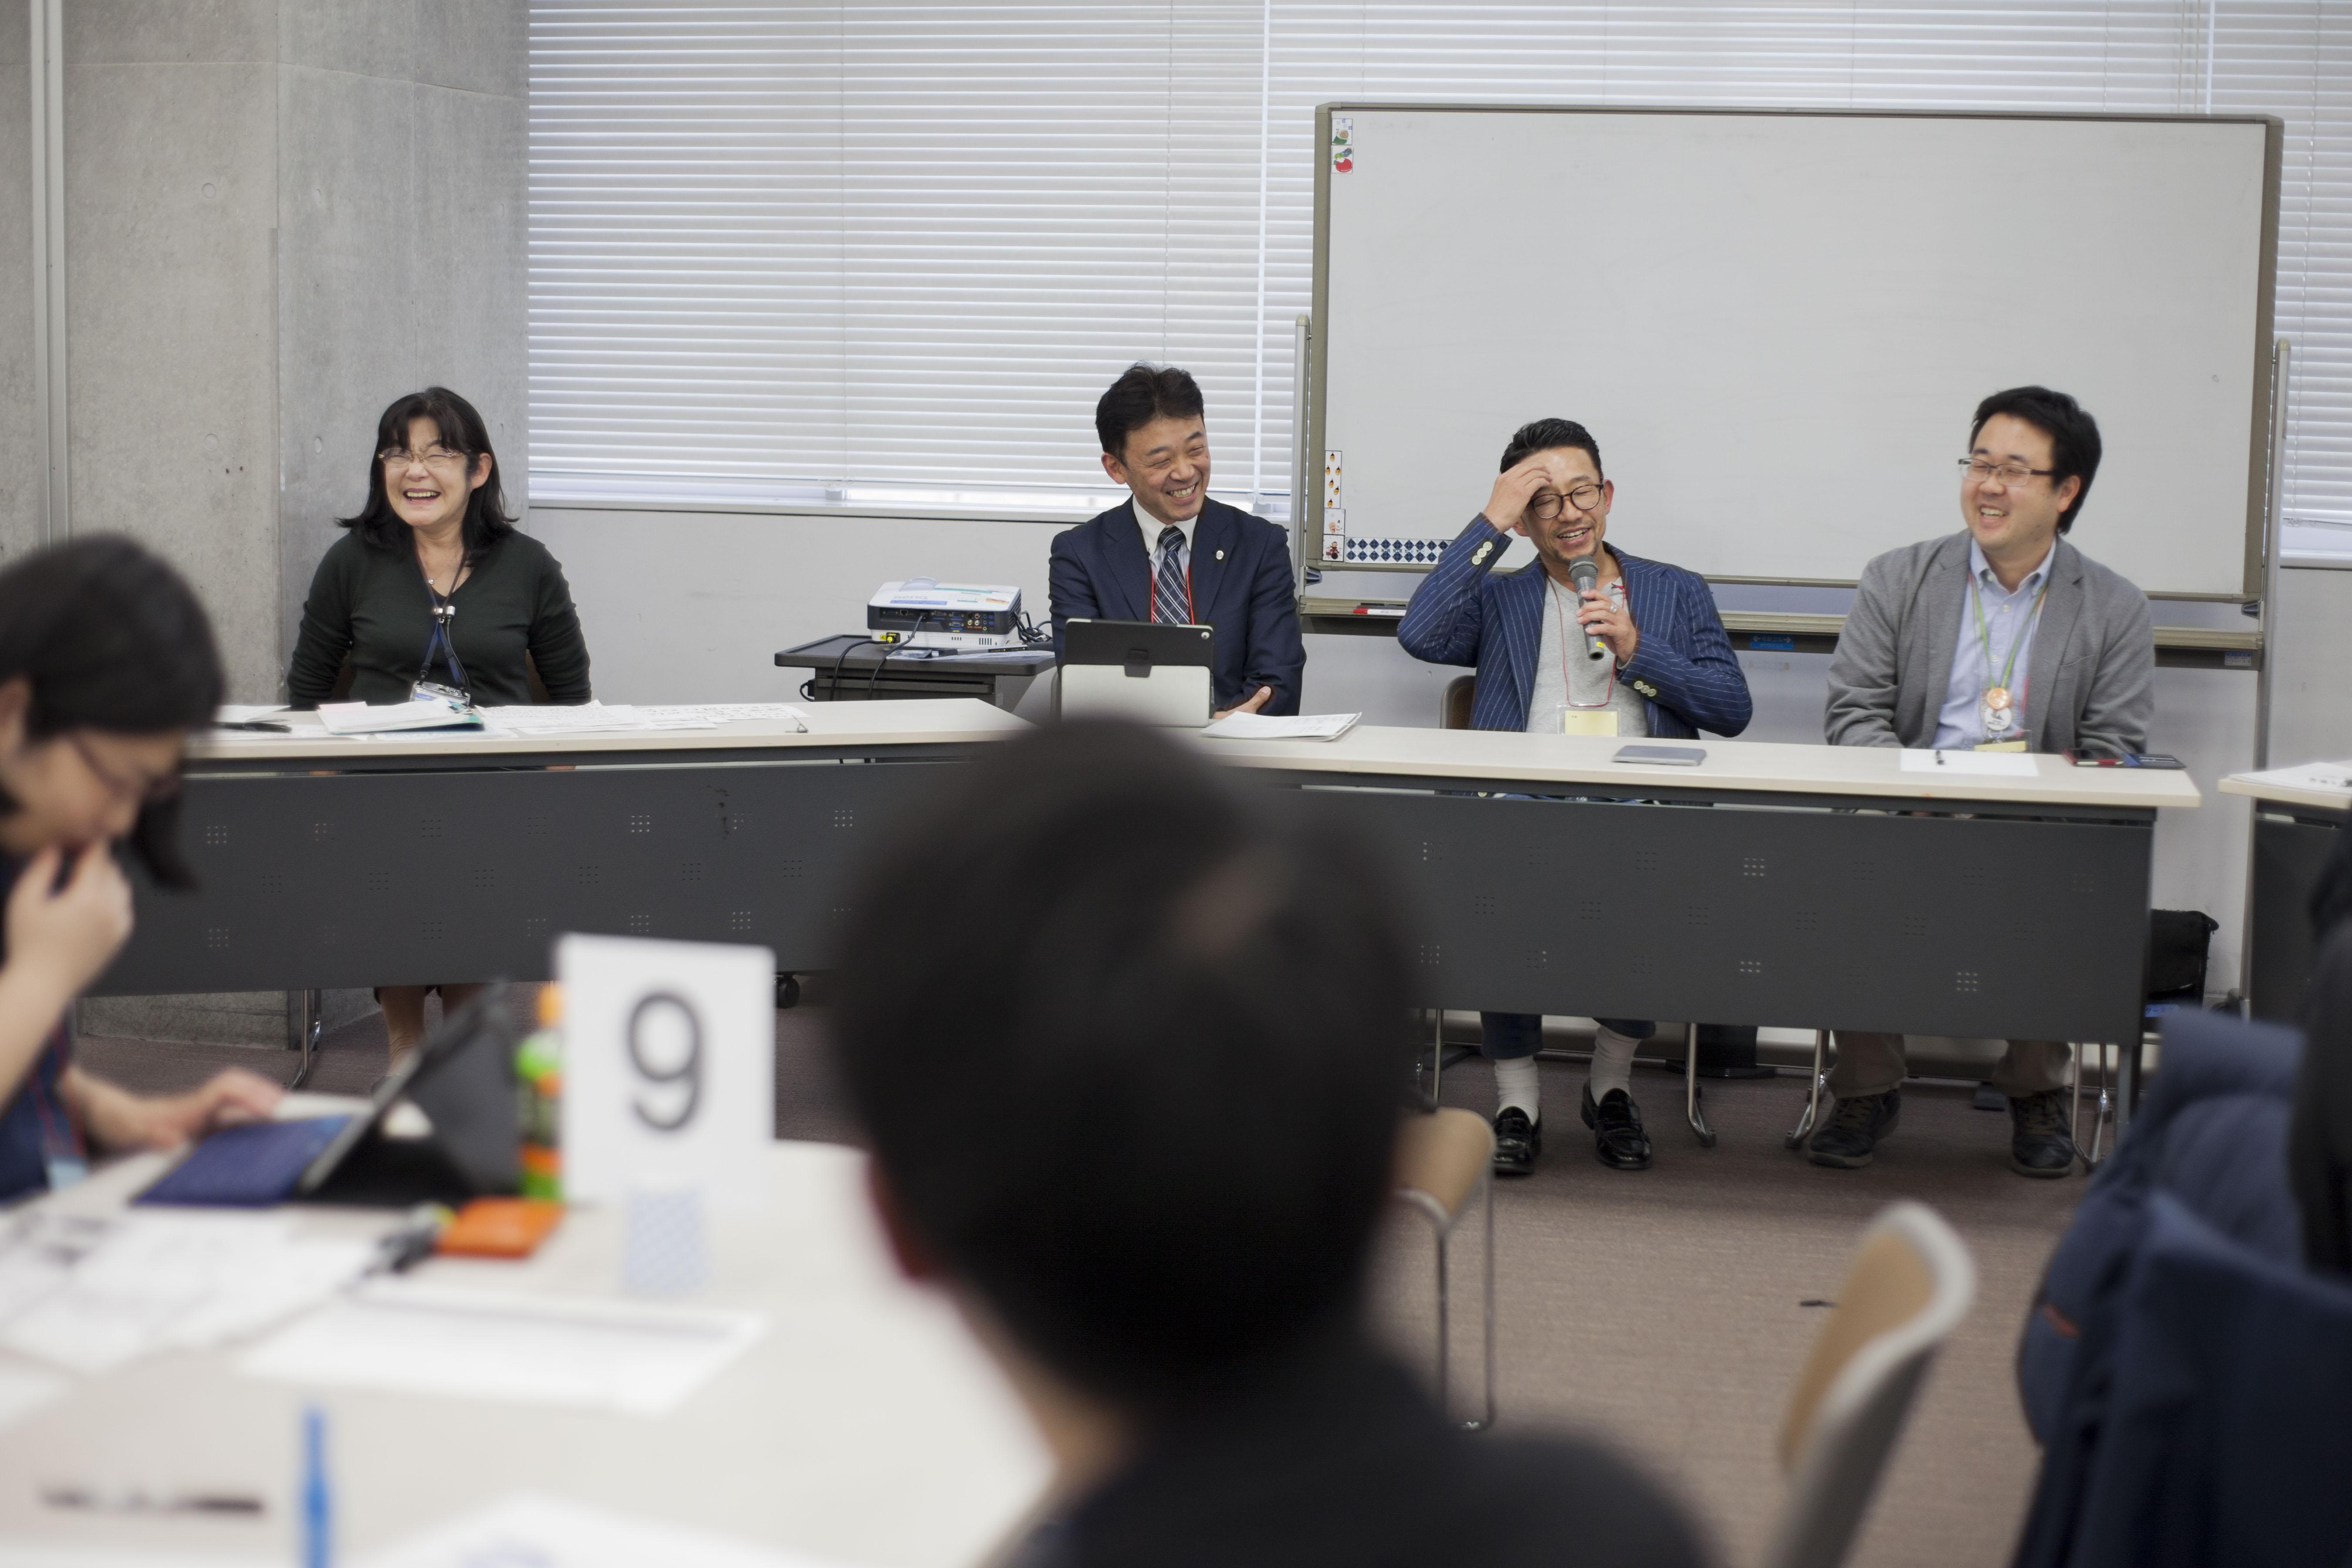 2018.12.02_企業×NPOパートナーシップMTG2018in逗子 (3)